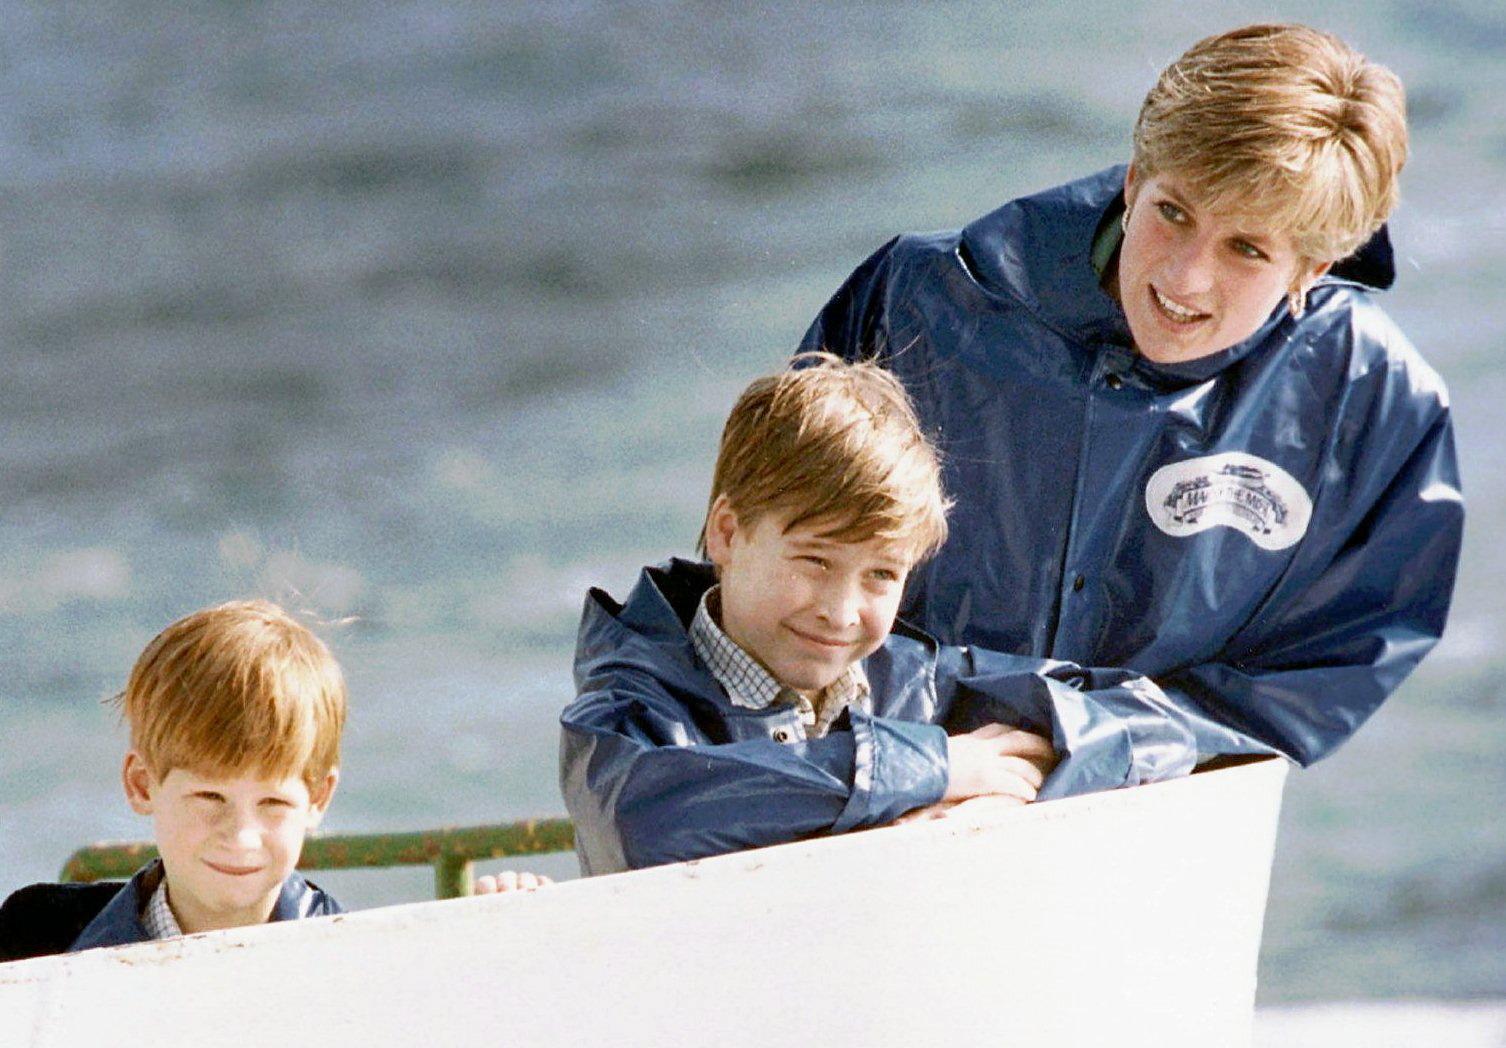 """Los príncipes Harry y Guillermo junto a su madre, Lady Di, en una imagen próxima a la fecha en la que transcurre """"Spencer""""."""